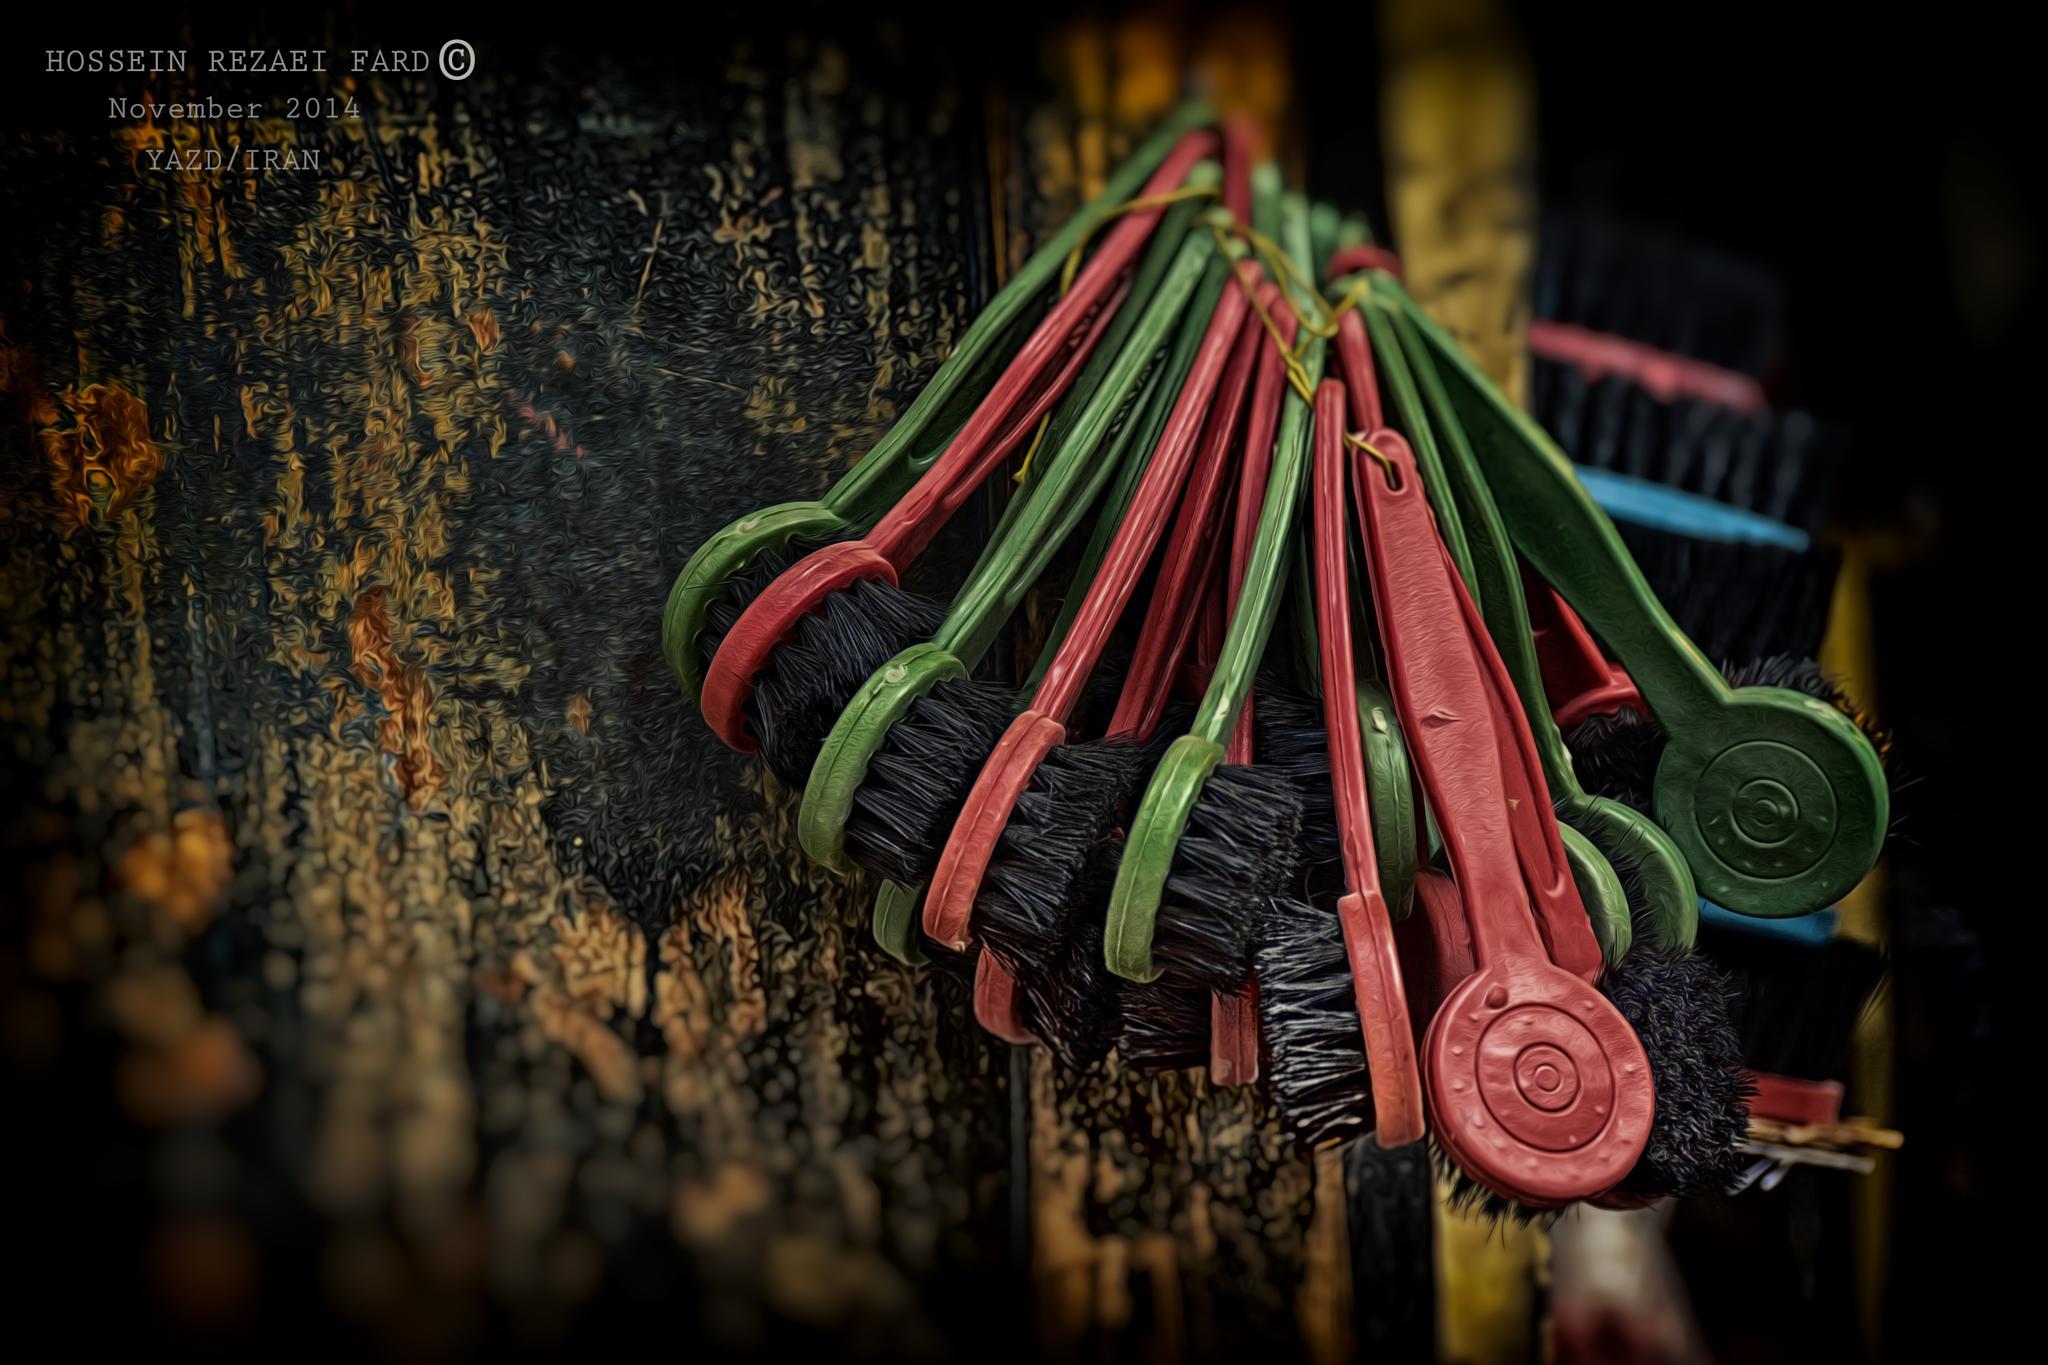 Colors by hosseinrezeifard